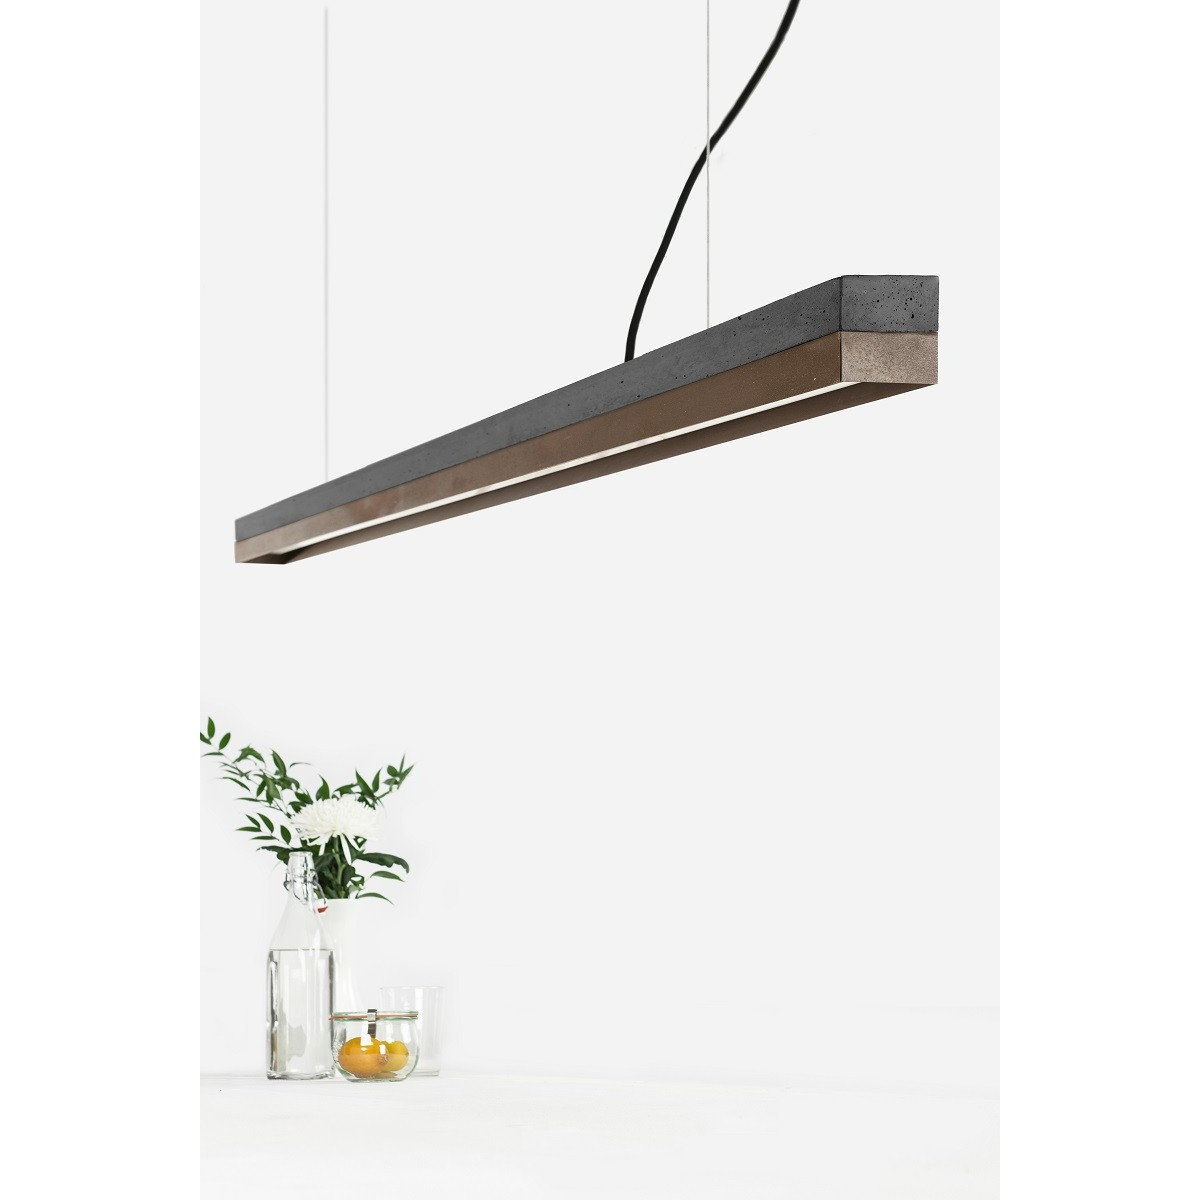 GANTlights - Beton Hängeleuchte [C3]dark/corten Lampe Cortenstahl minimalistisch